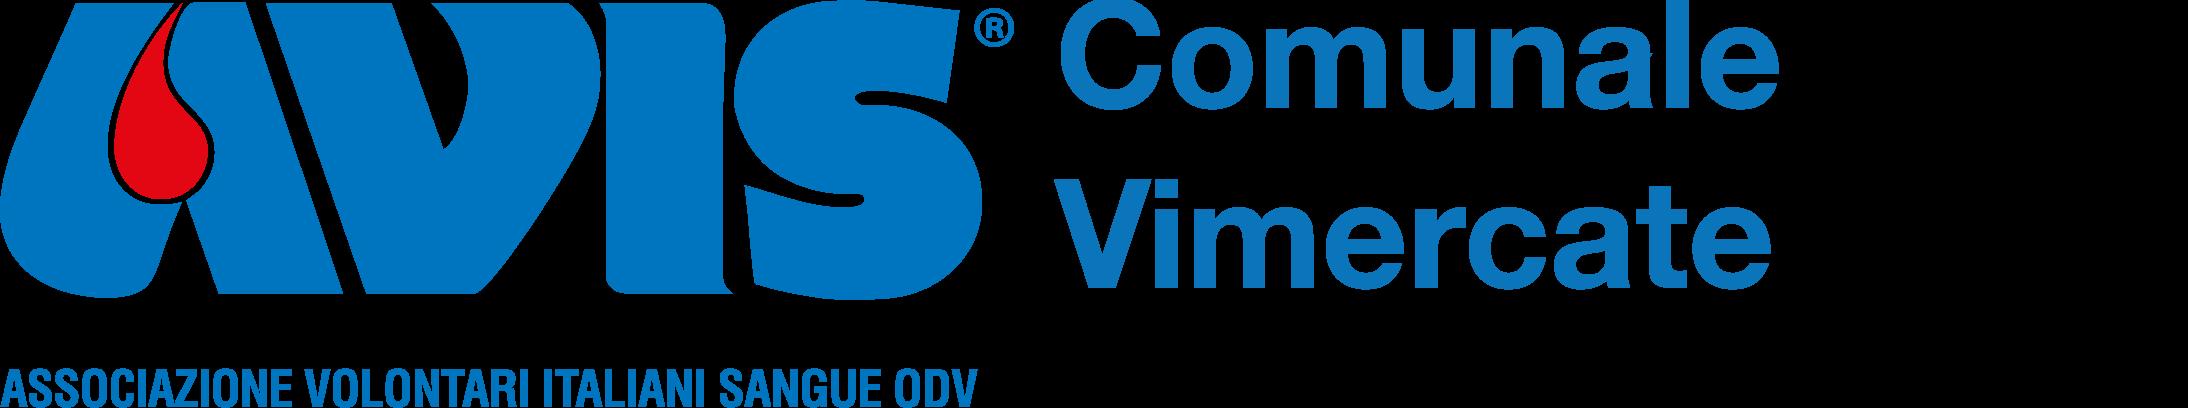 AVIS Vimercate